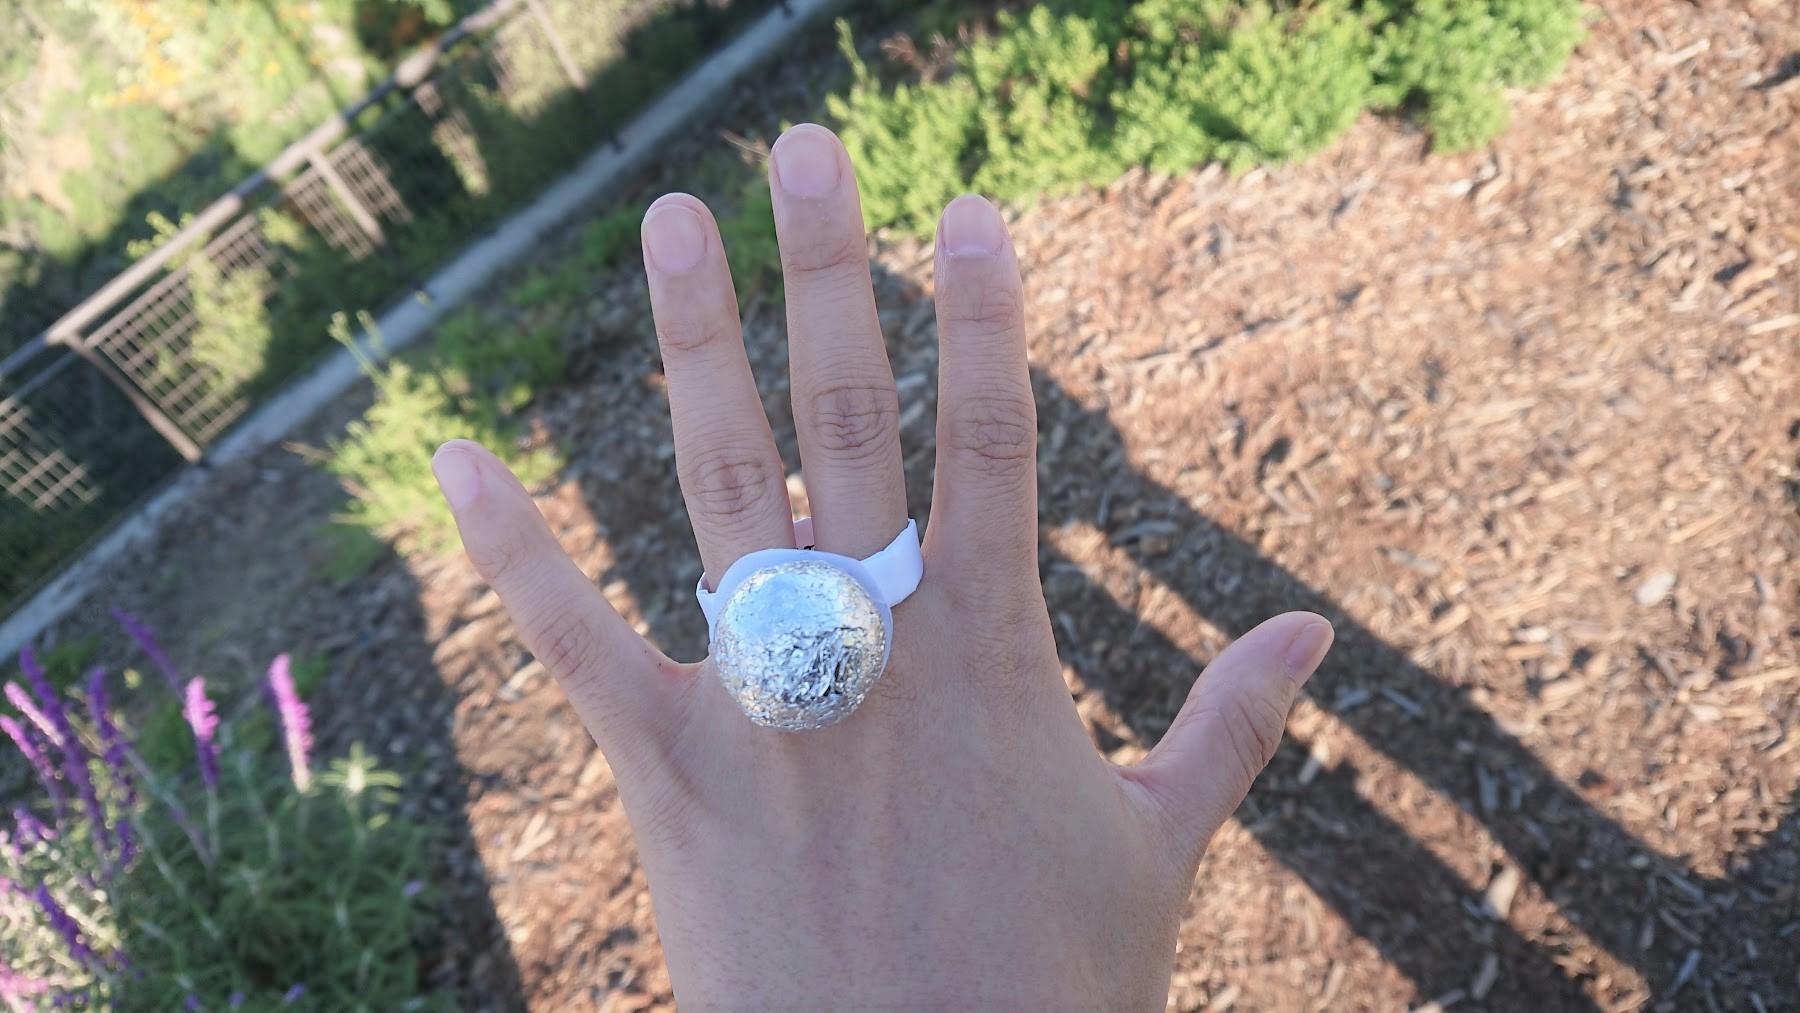 国際結婚、外国人フィアンセにプロポーズを催促!結果はいかに?!